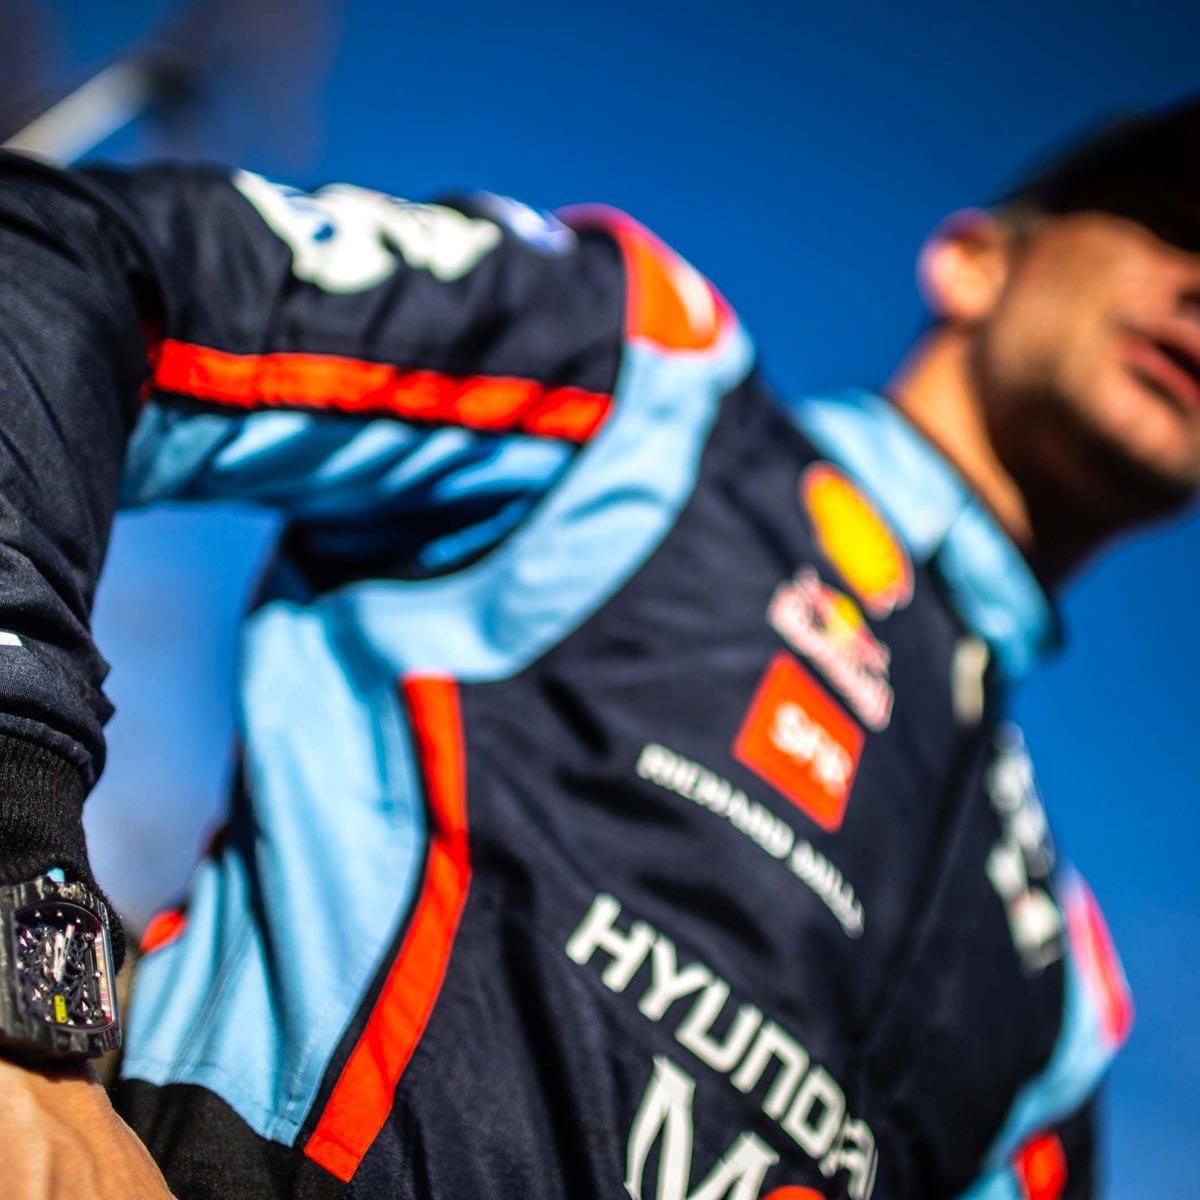 La Cote des Montres : Photo - 87e Rallye de Monte-Carlo : remarquables performances des pilotes Richard Mille